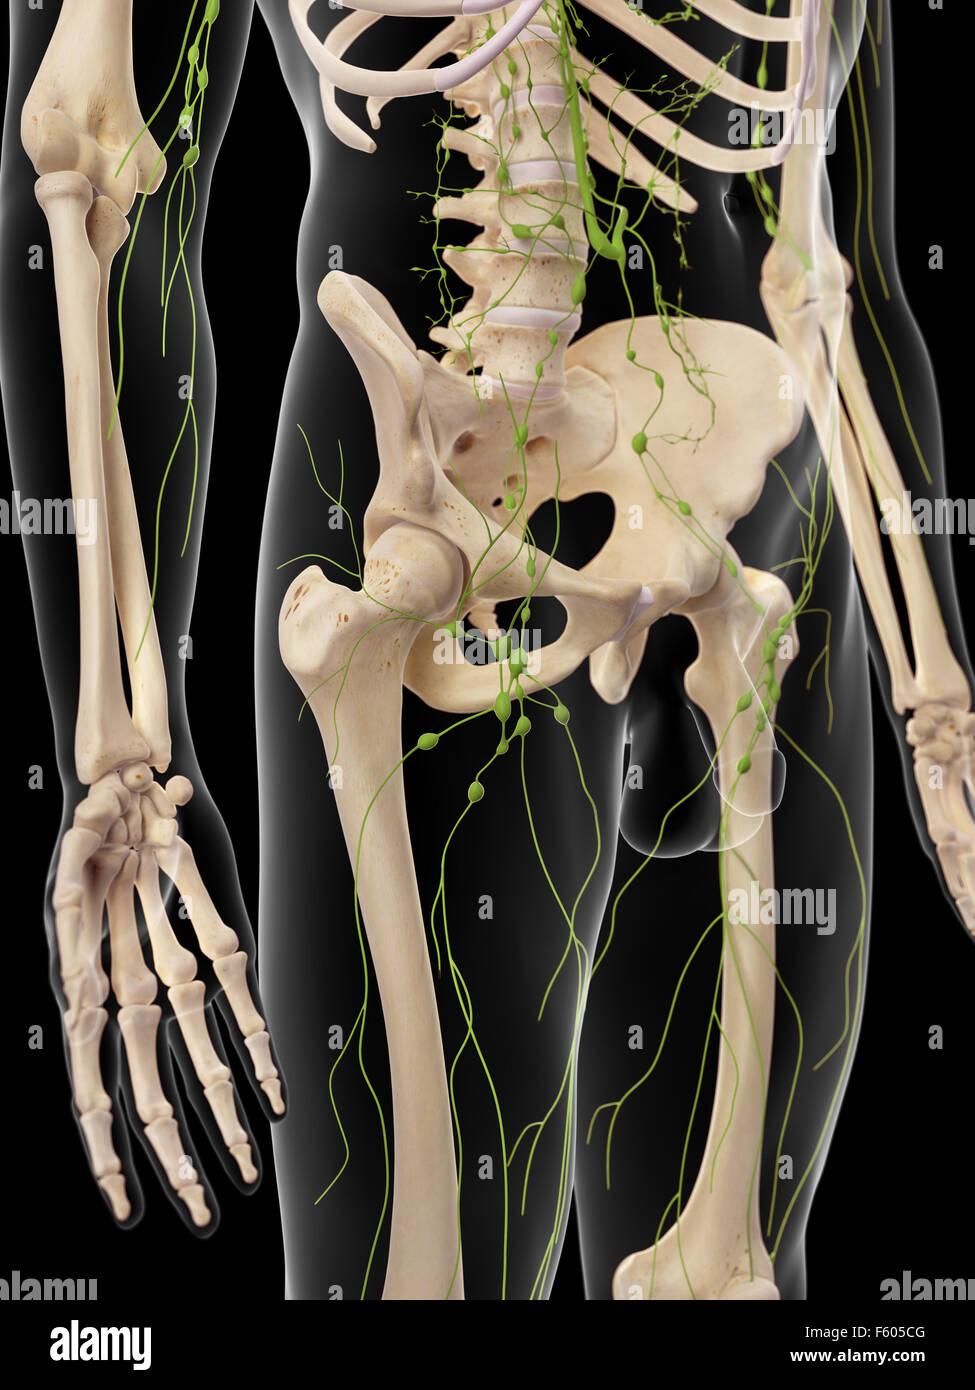 medizinisch genaue Abbildung der inguinalen Lymphknoten Stockfoto ...